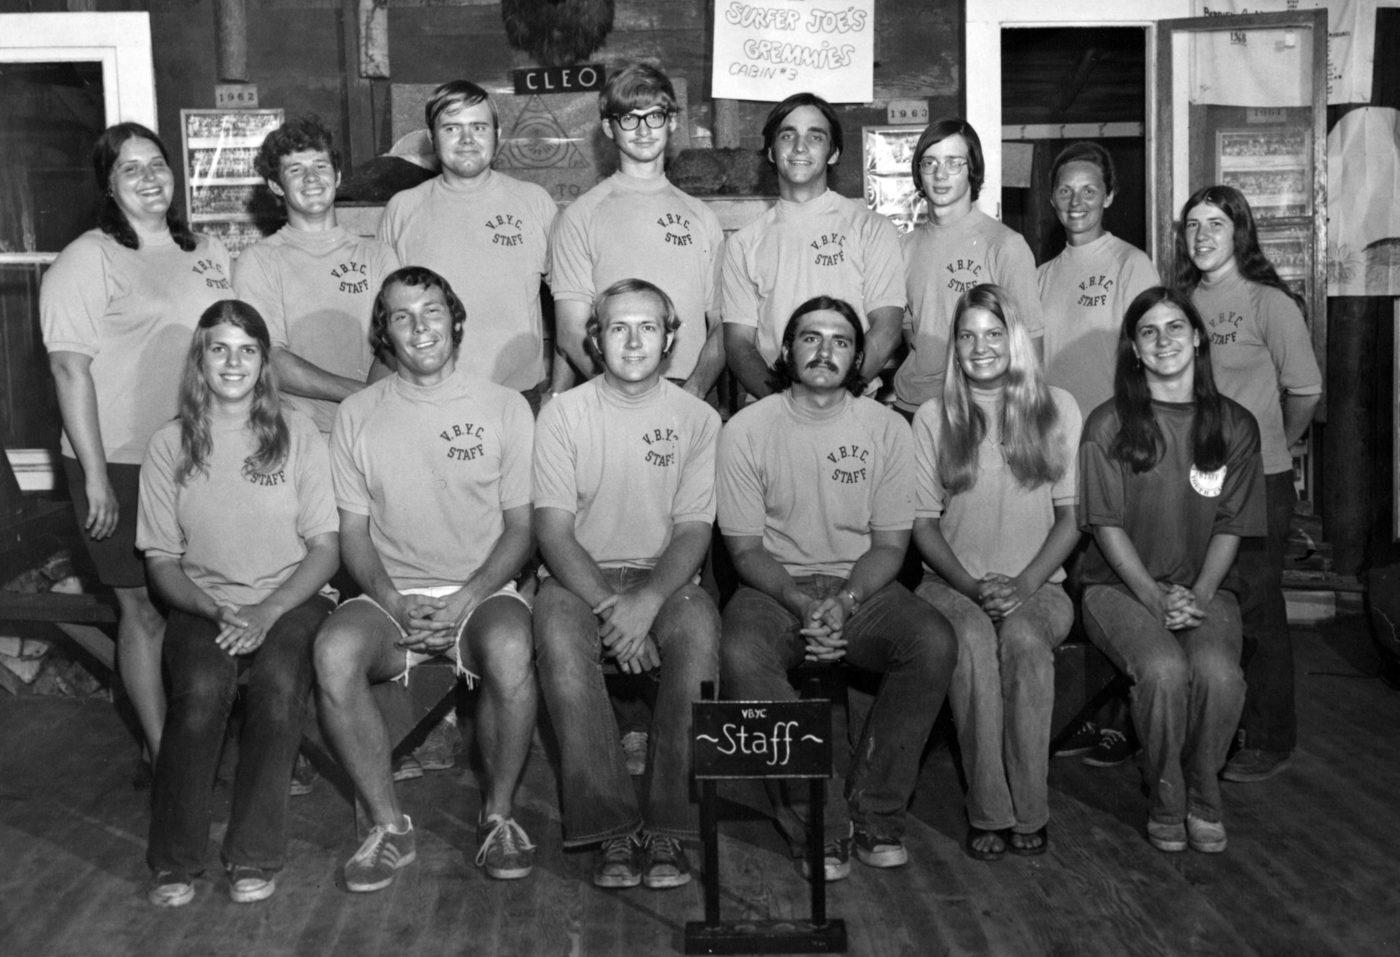 Staff 1972